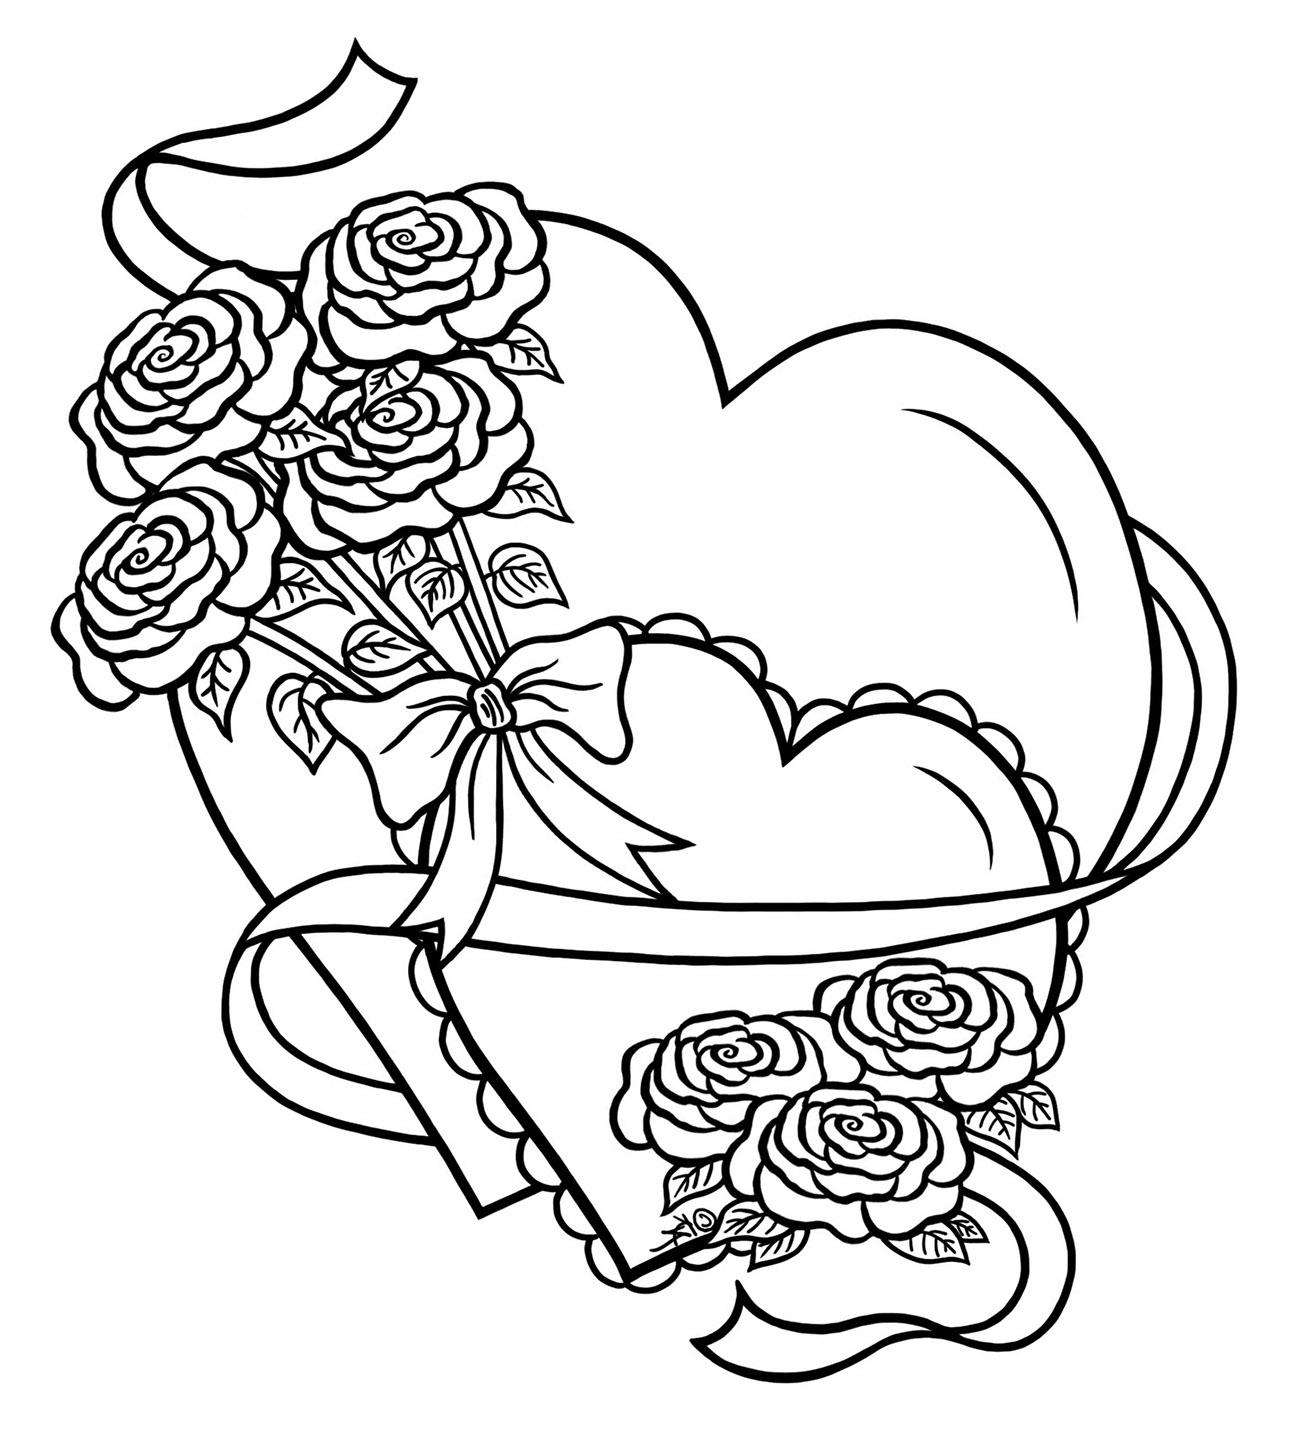 розы и сердечки